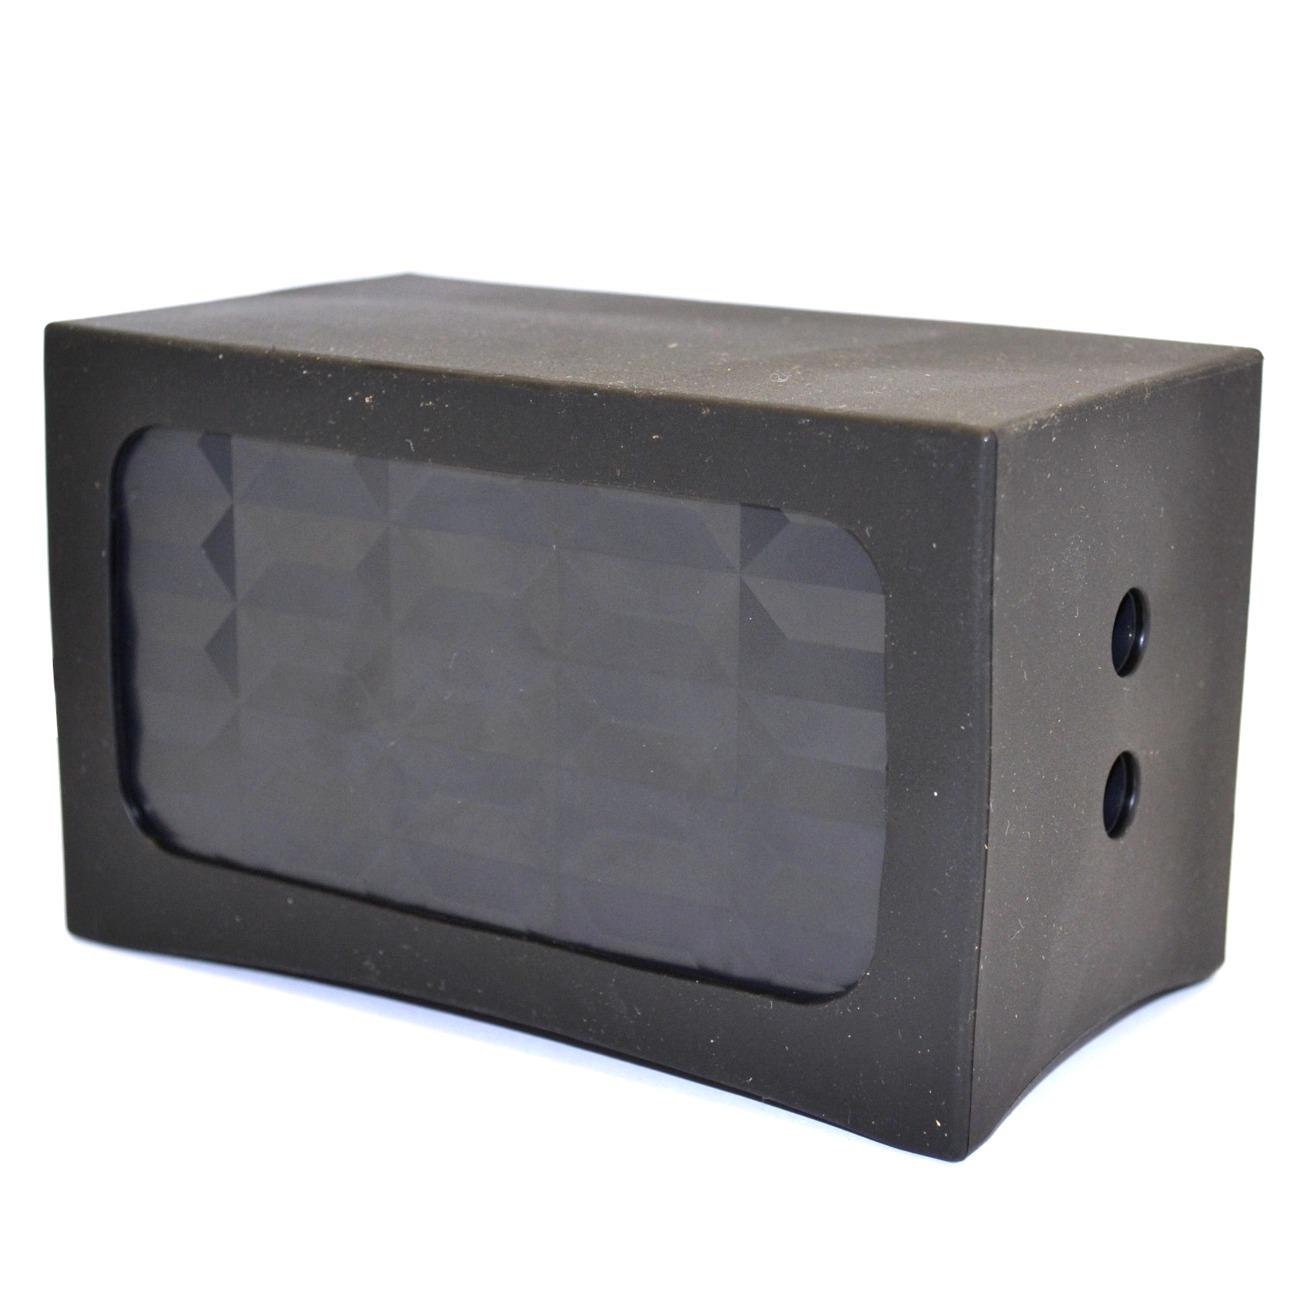 pompe air aquarium systems vento 4 0 double sortie avec. Black Bedroom Furniture Sets. Home Design Ideas